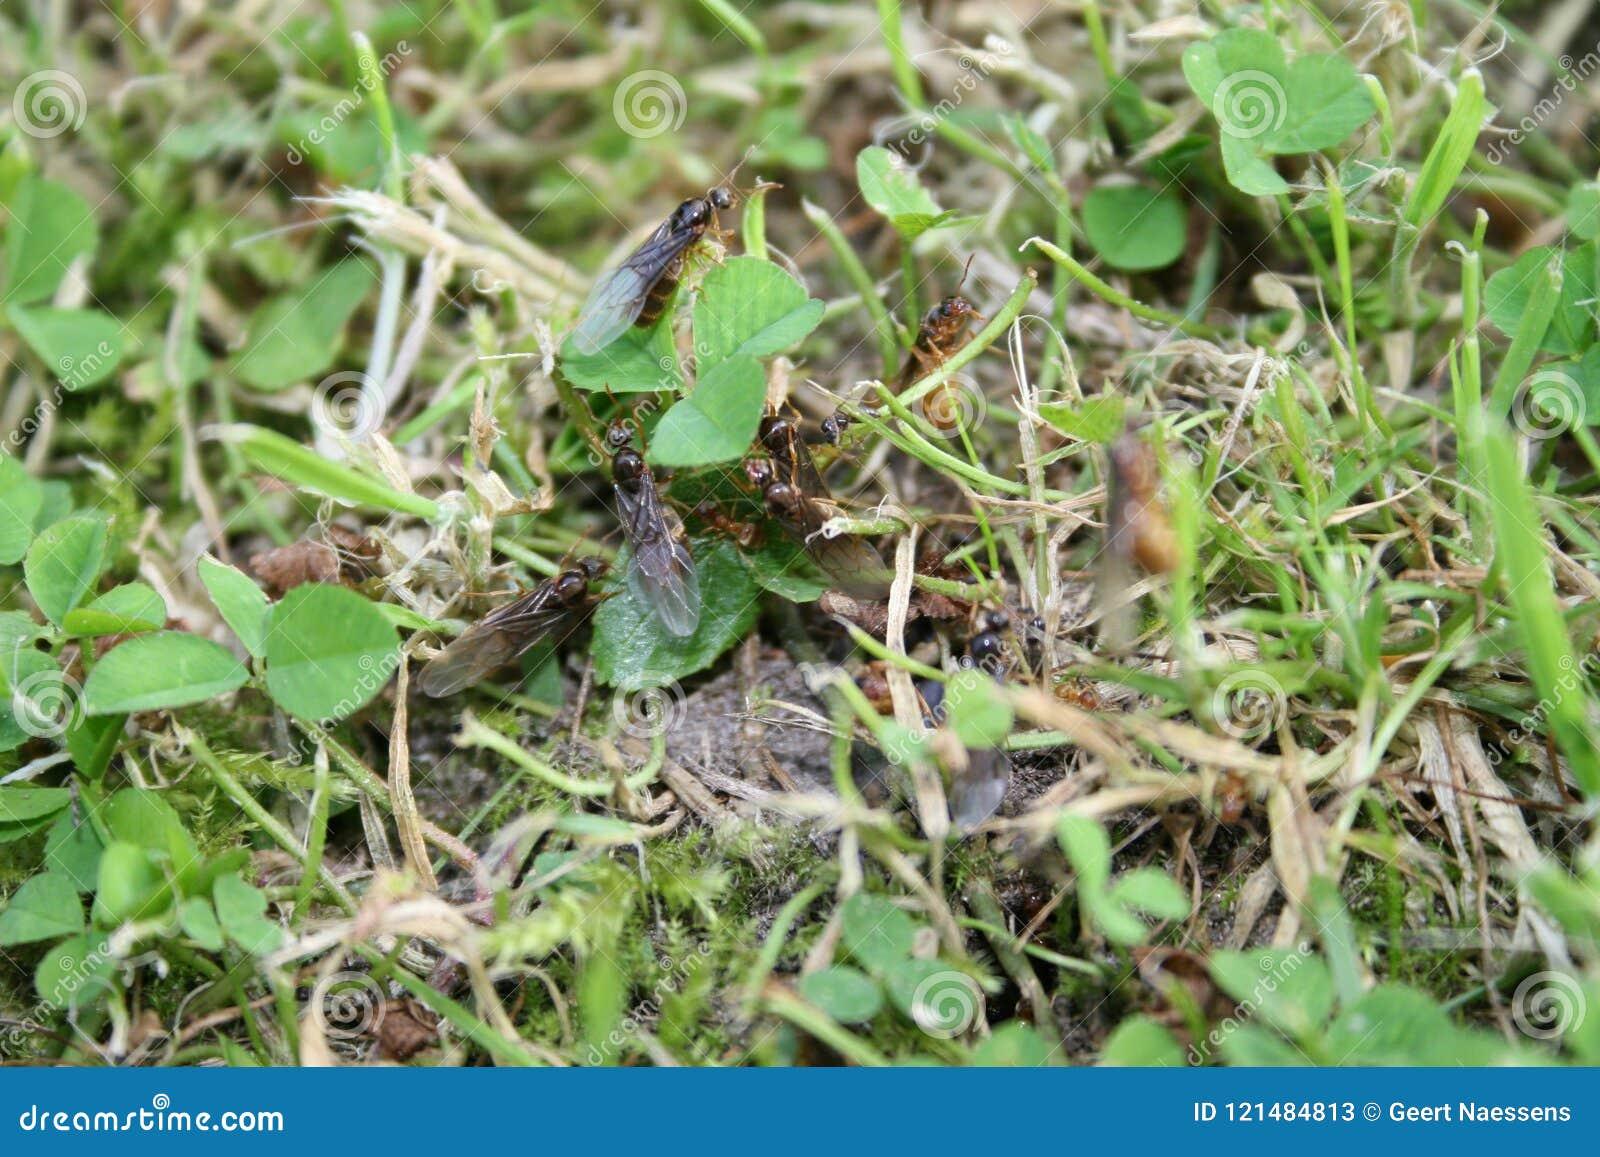 Dettaglio delle formiche di volo